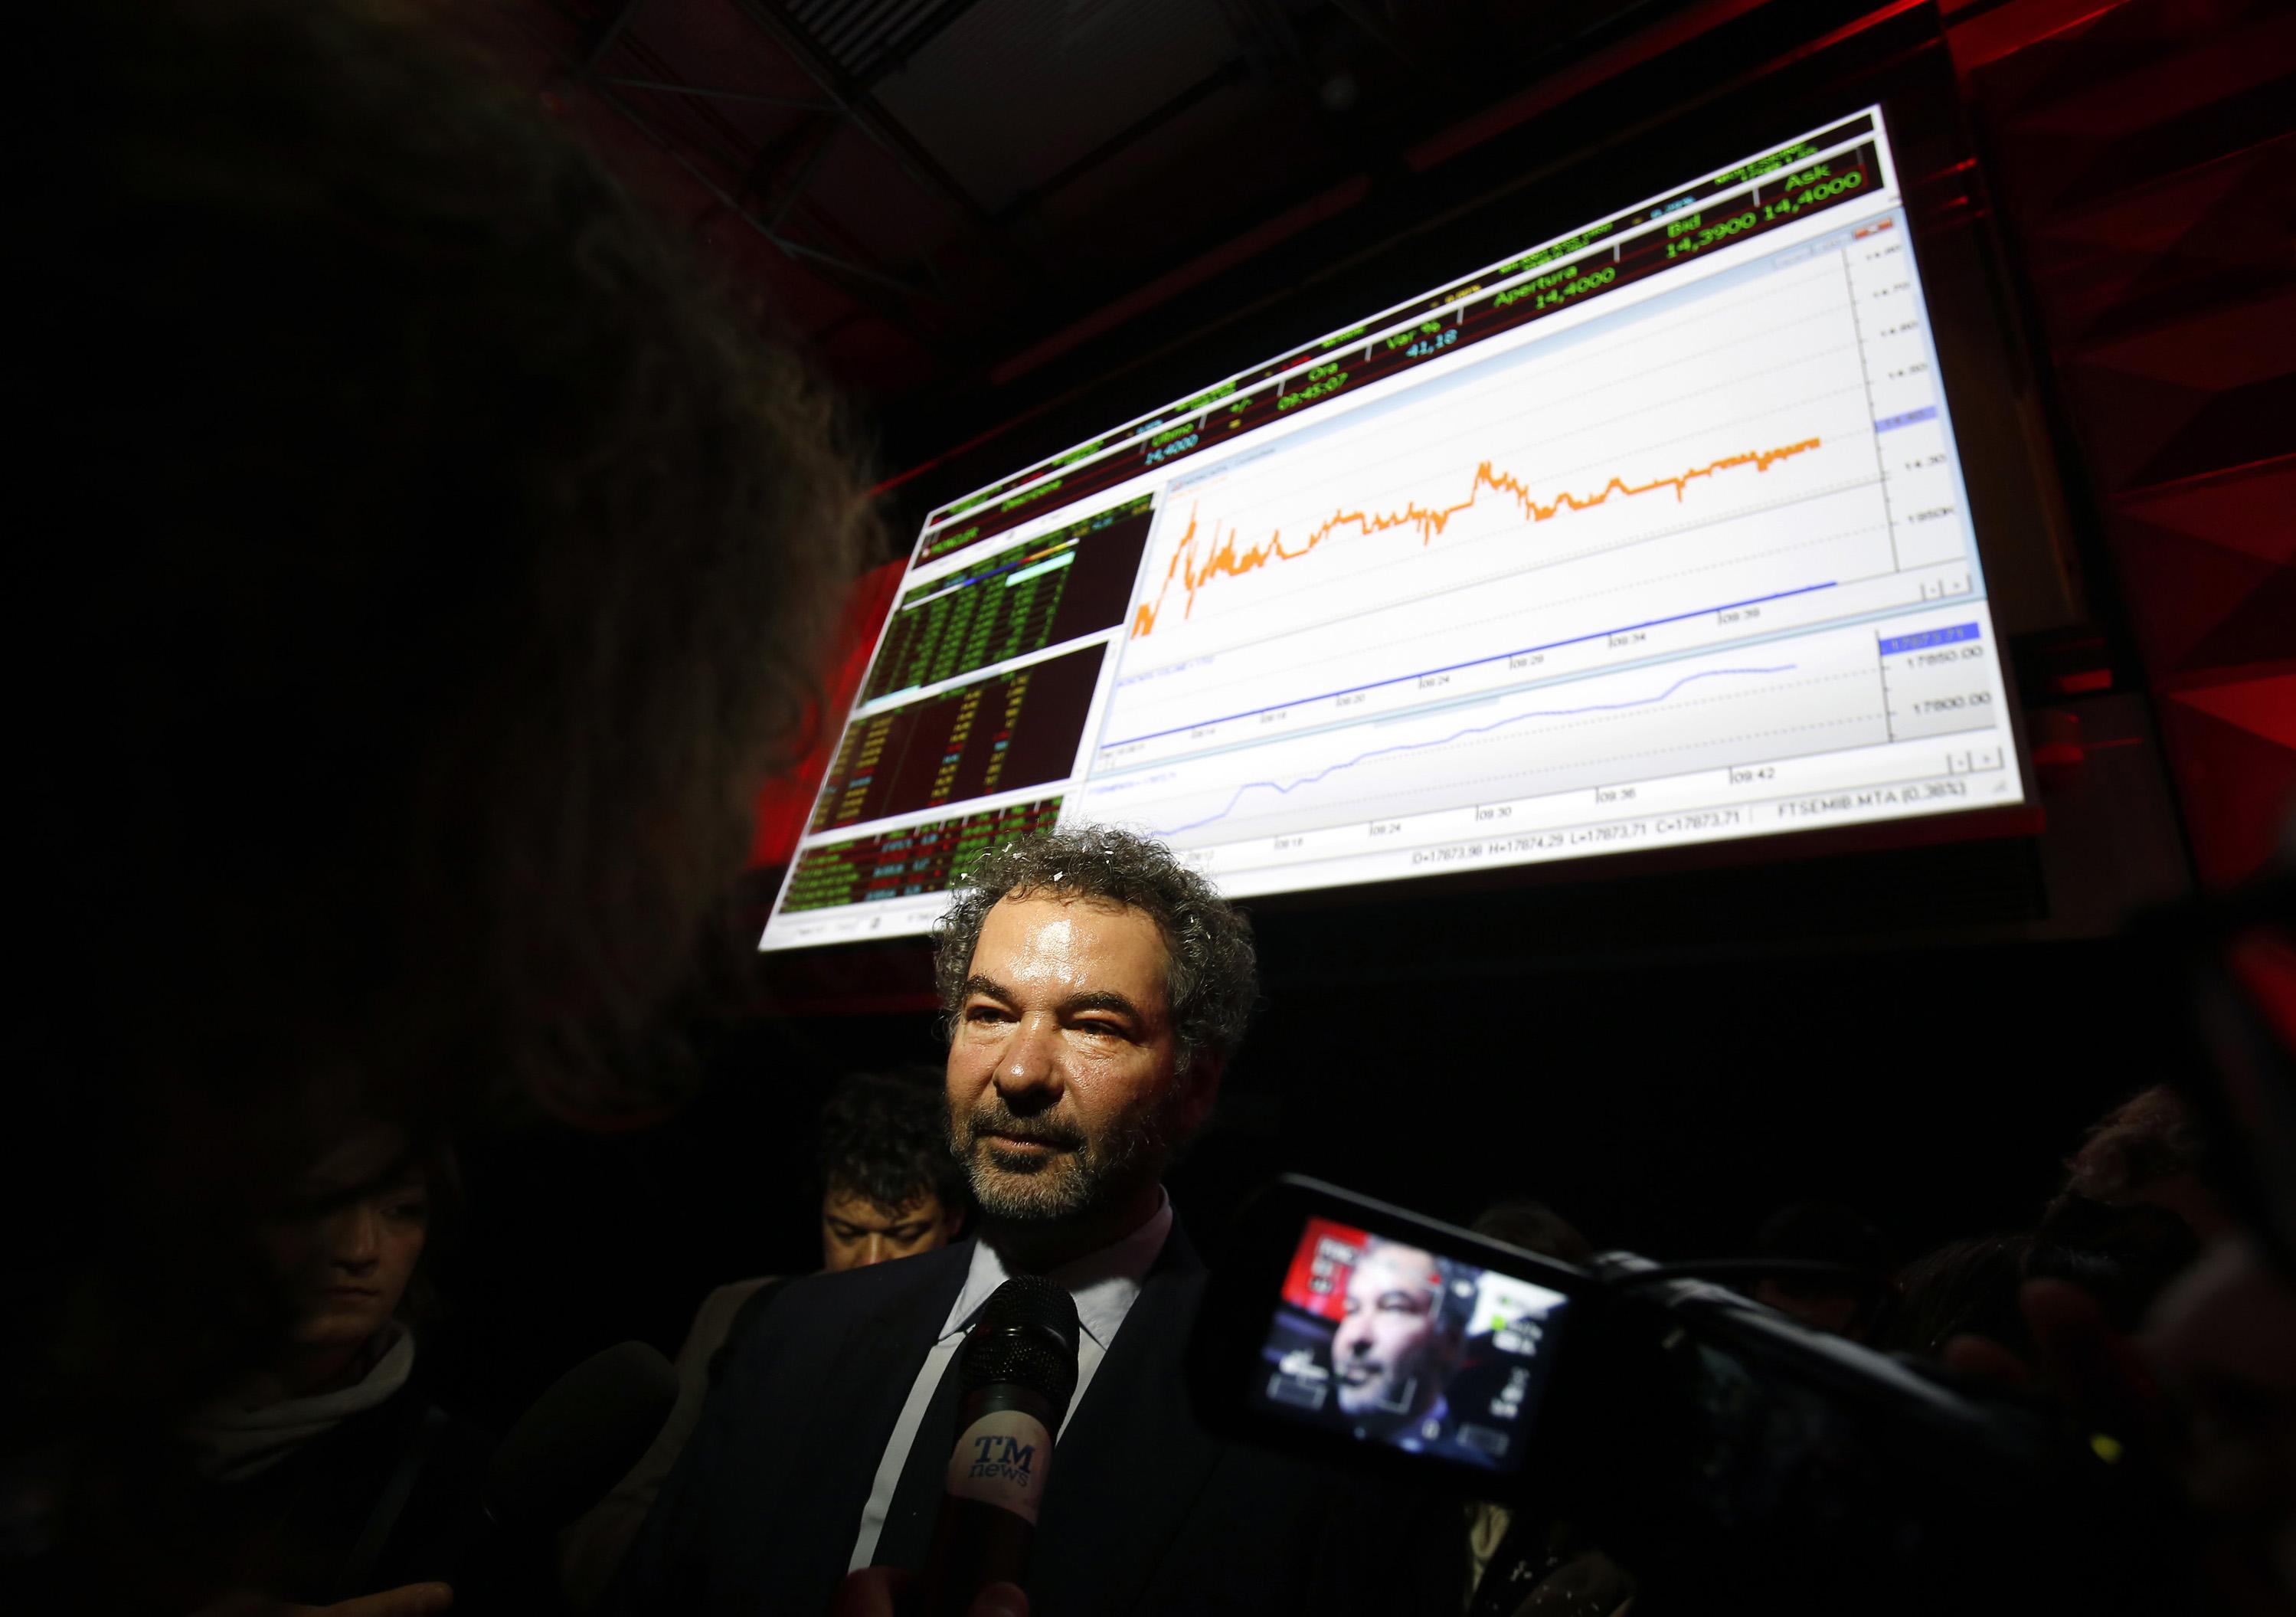 moncler stock news